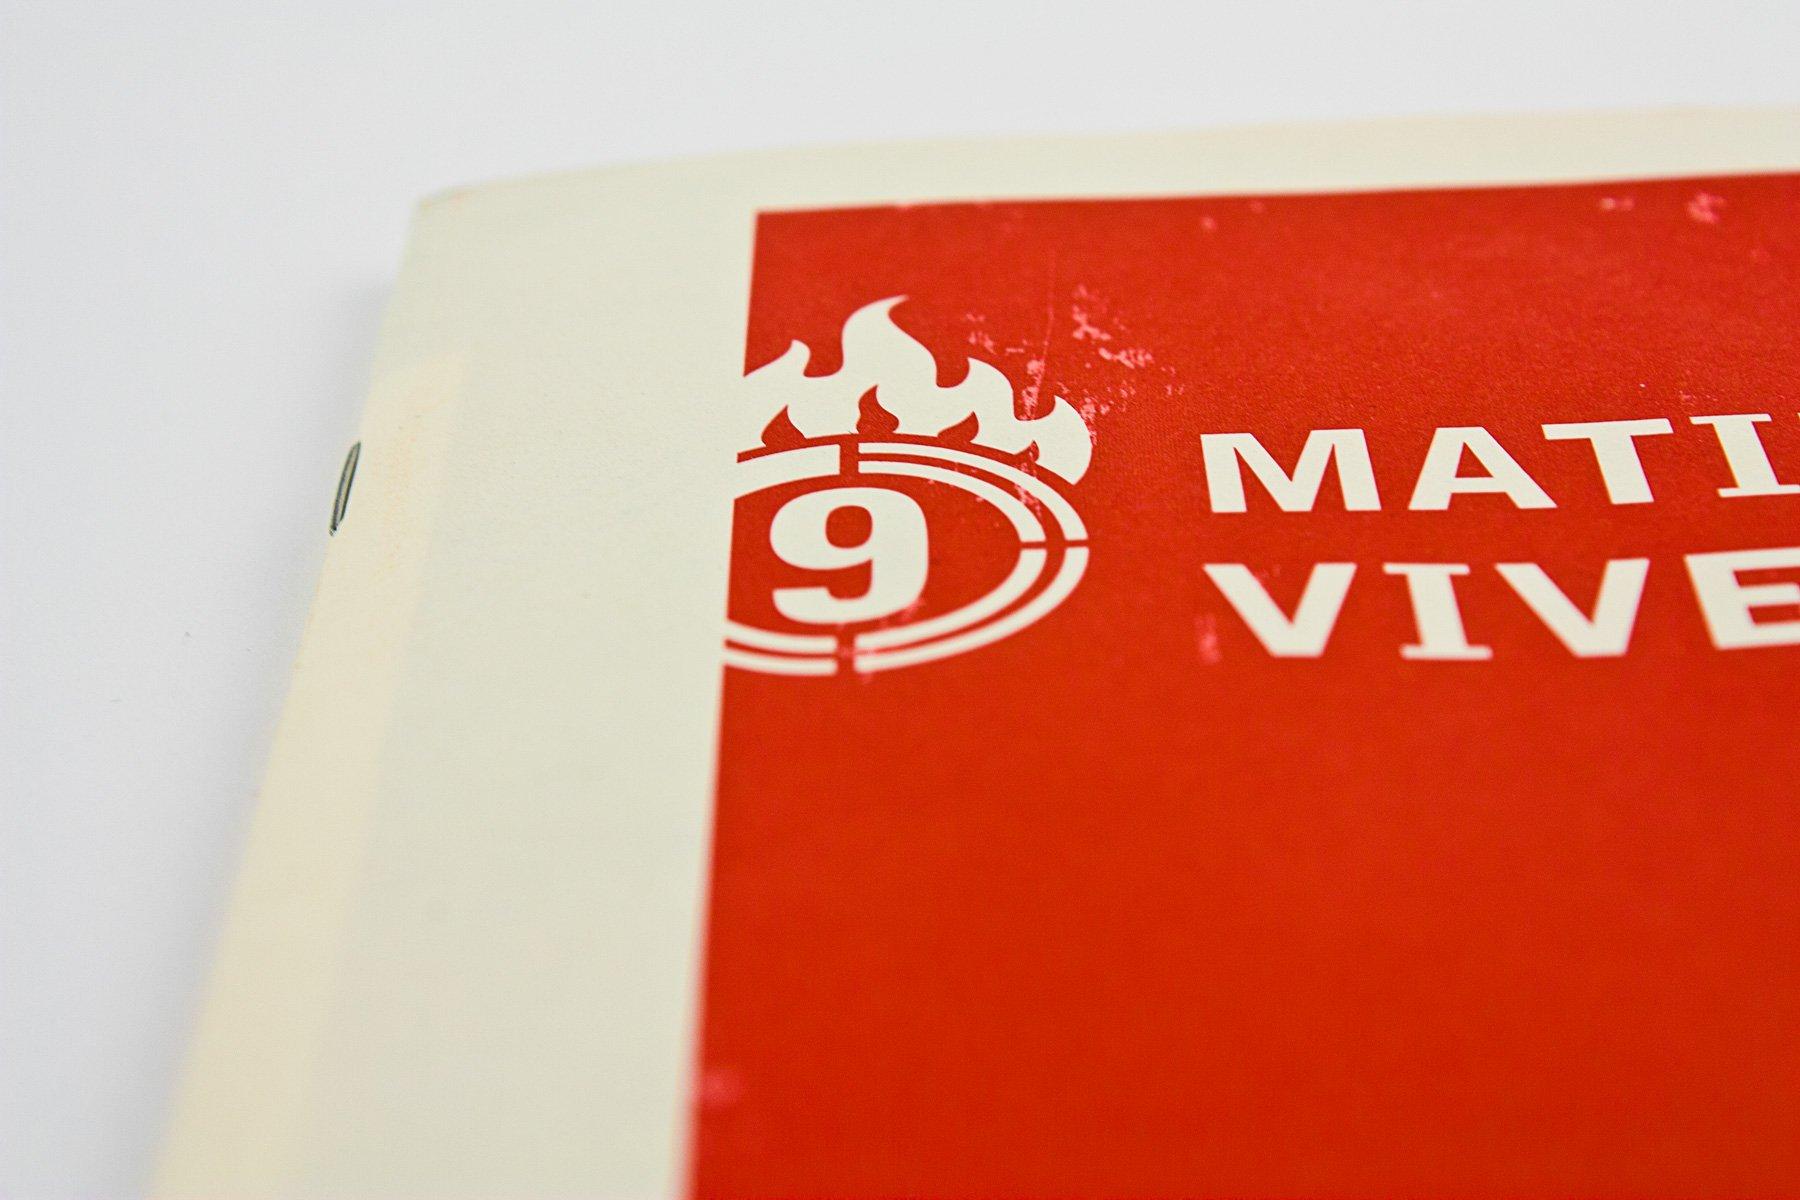 ONF-Matières-Vives-DVD-Livret-5 ONF Matière Vives - Identité